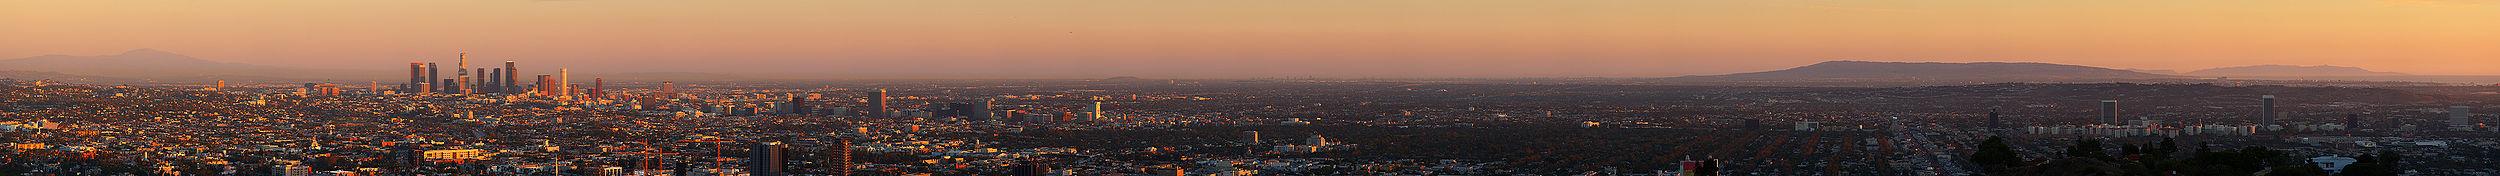 Panorama da região metropolitana de Los Angeles.